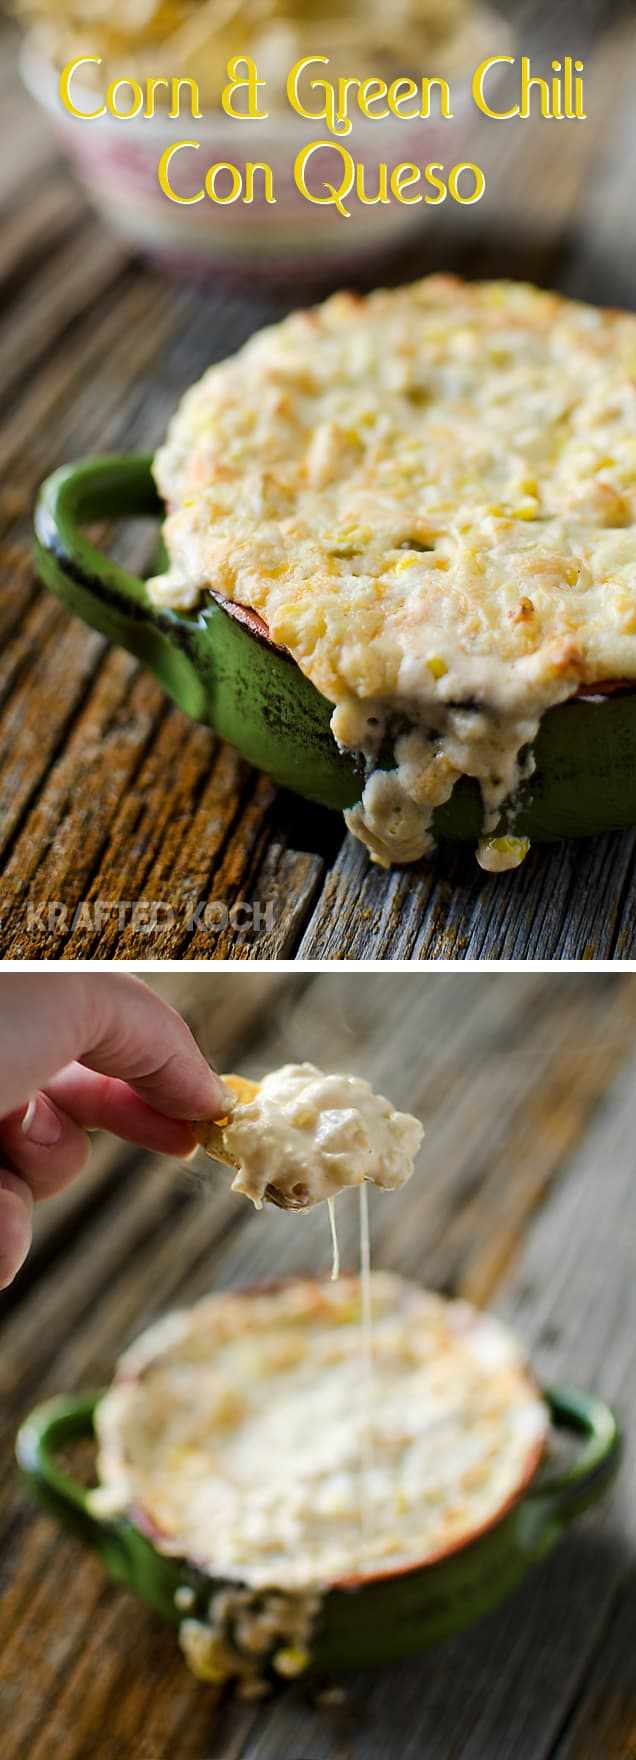 Corn & Green Chili Con Queso Dip - Krafted Koch